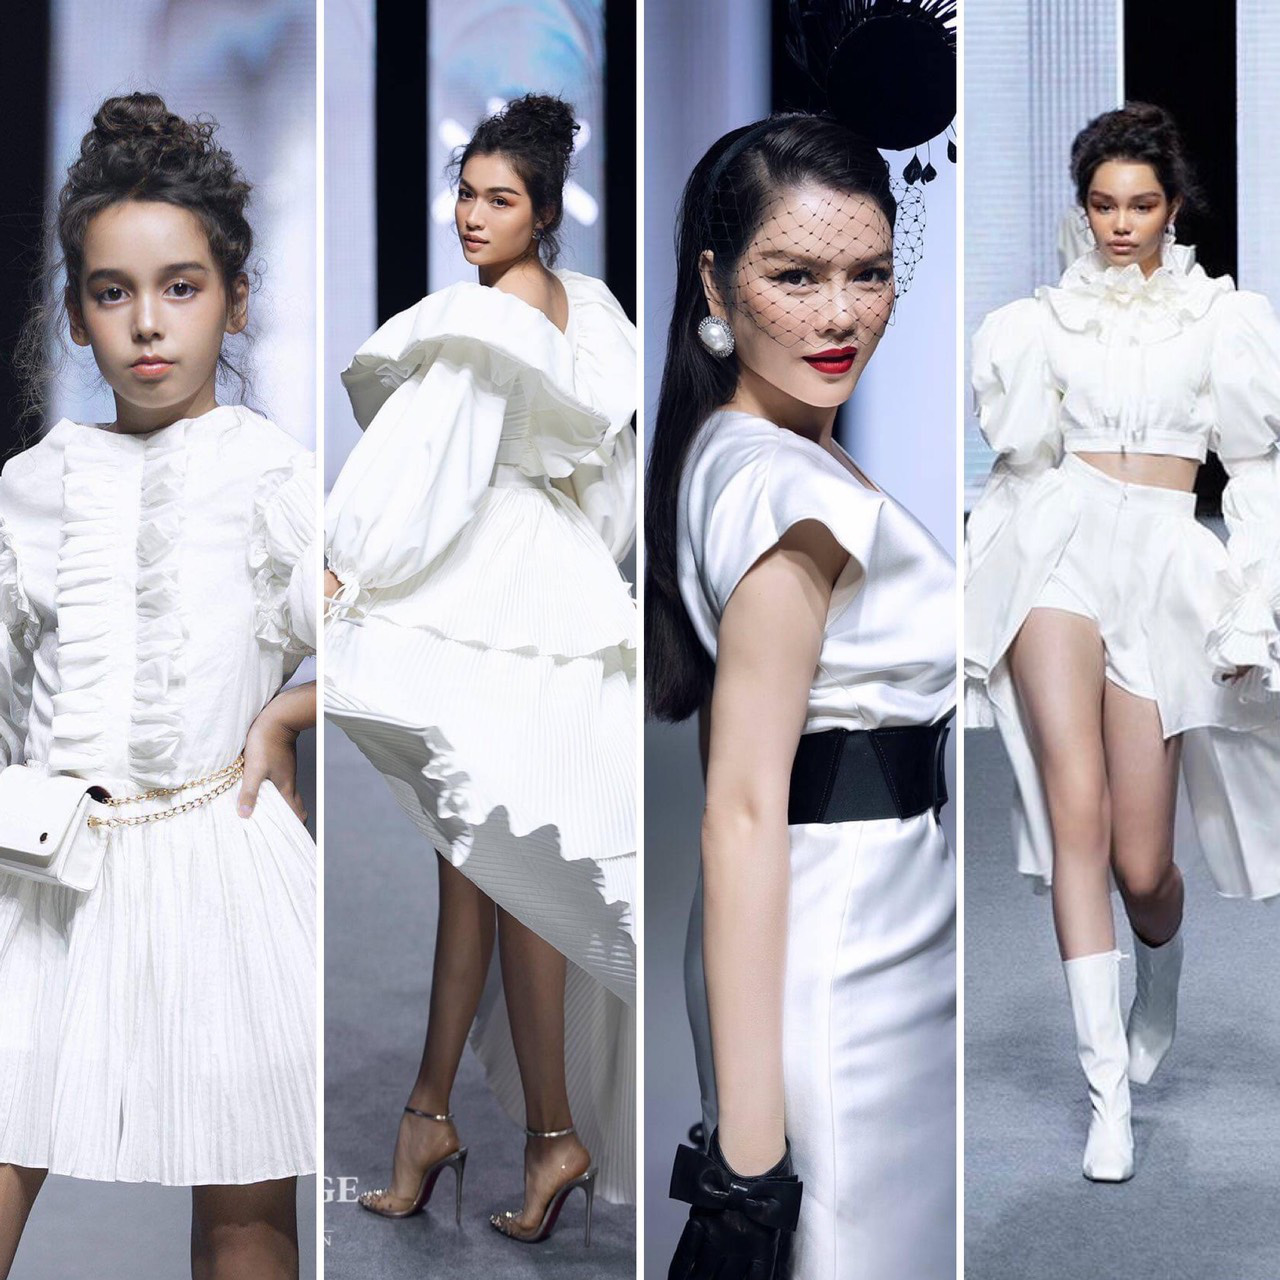 """Thiên thần nhí lai Úc tỏa sáng ở show Fashion KK với vẻ đẹp """"hút hồn"""" - Ảnh 1."""